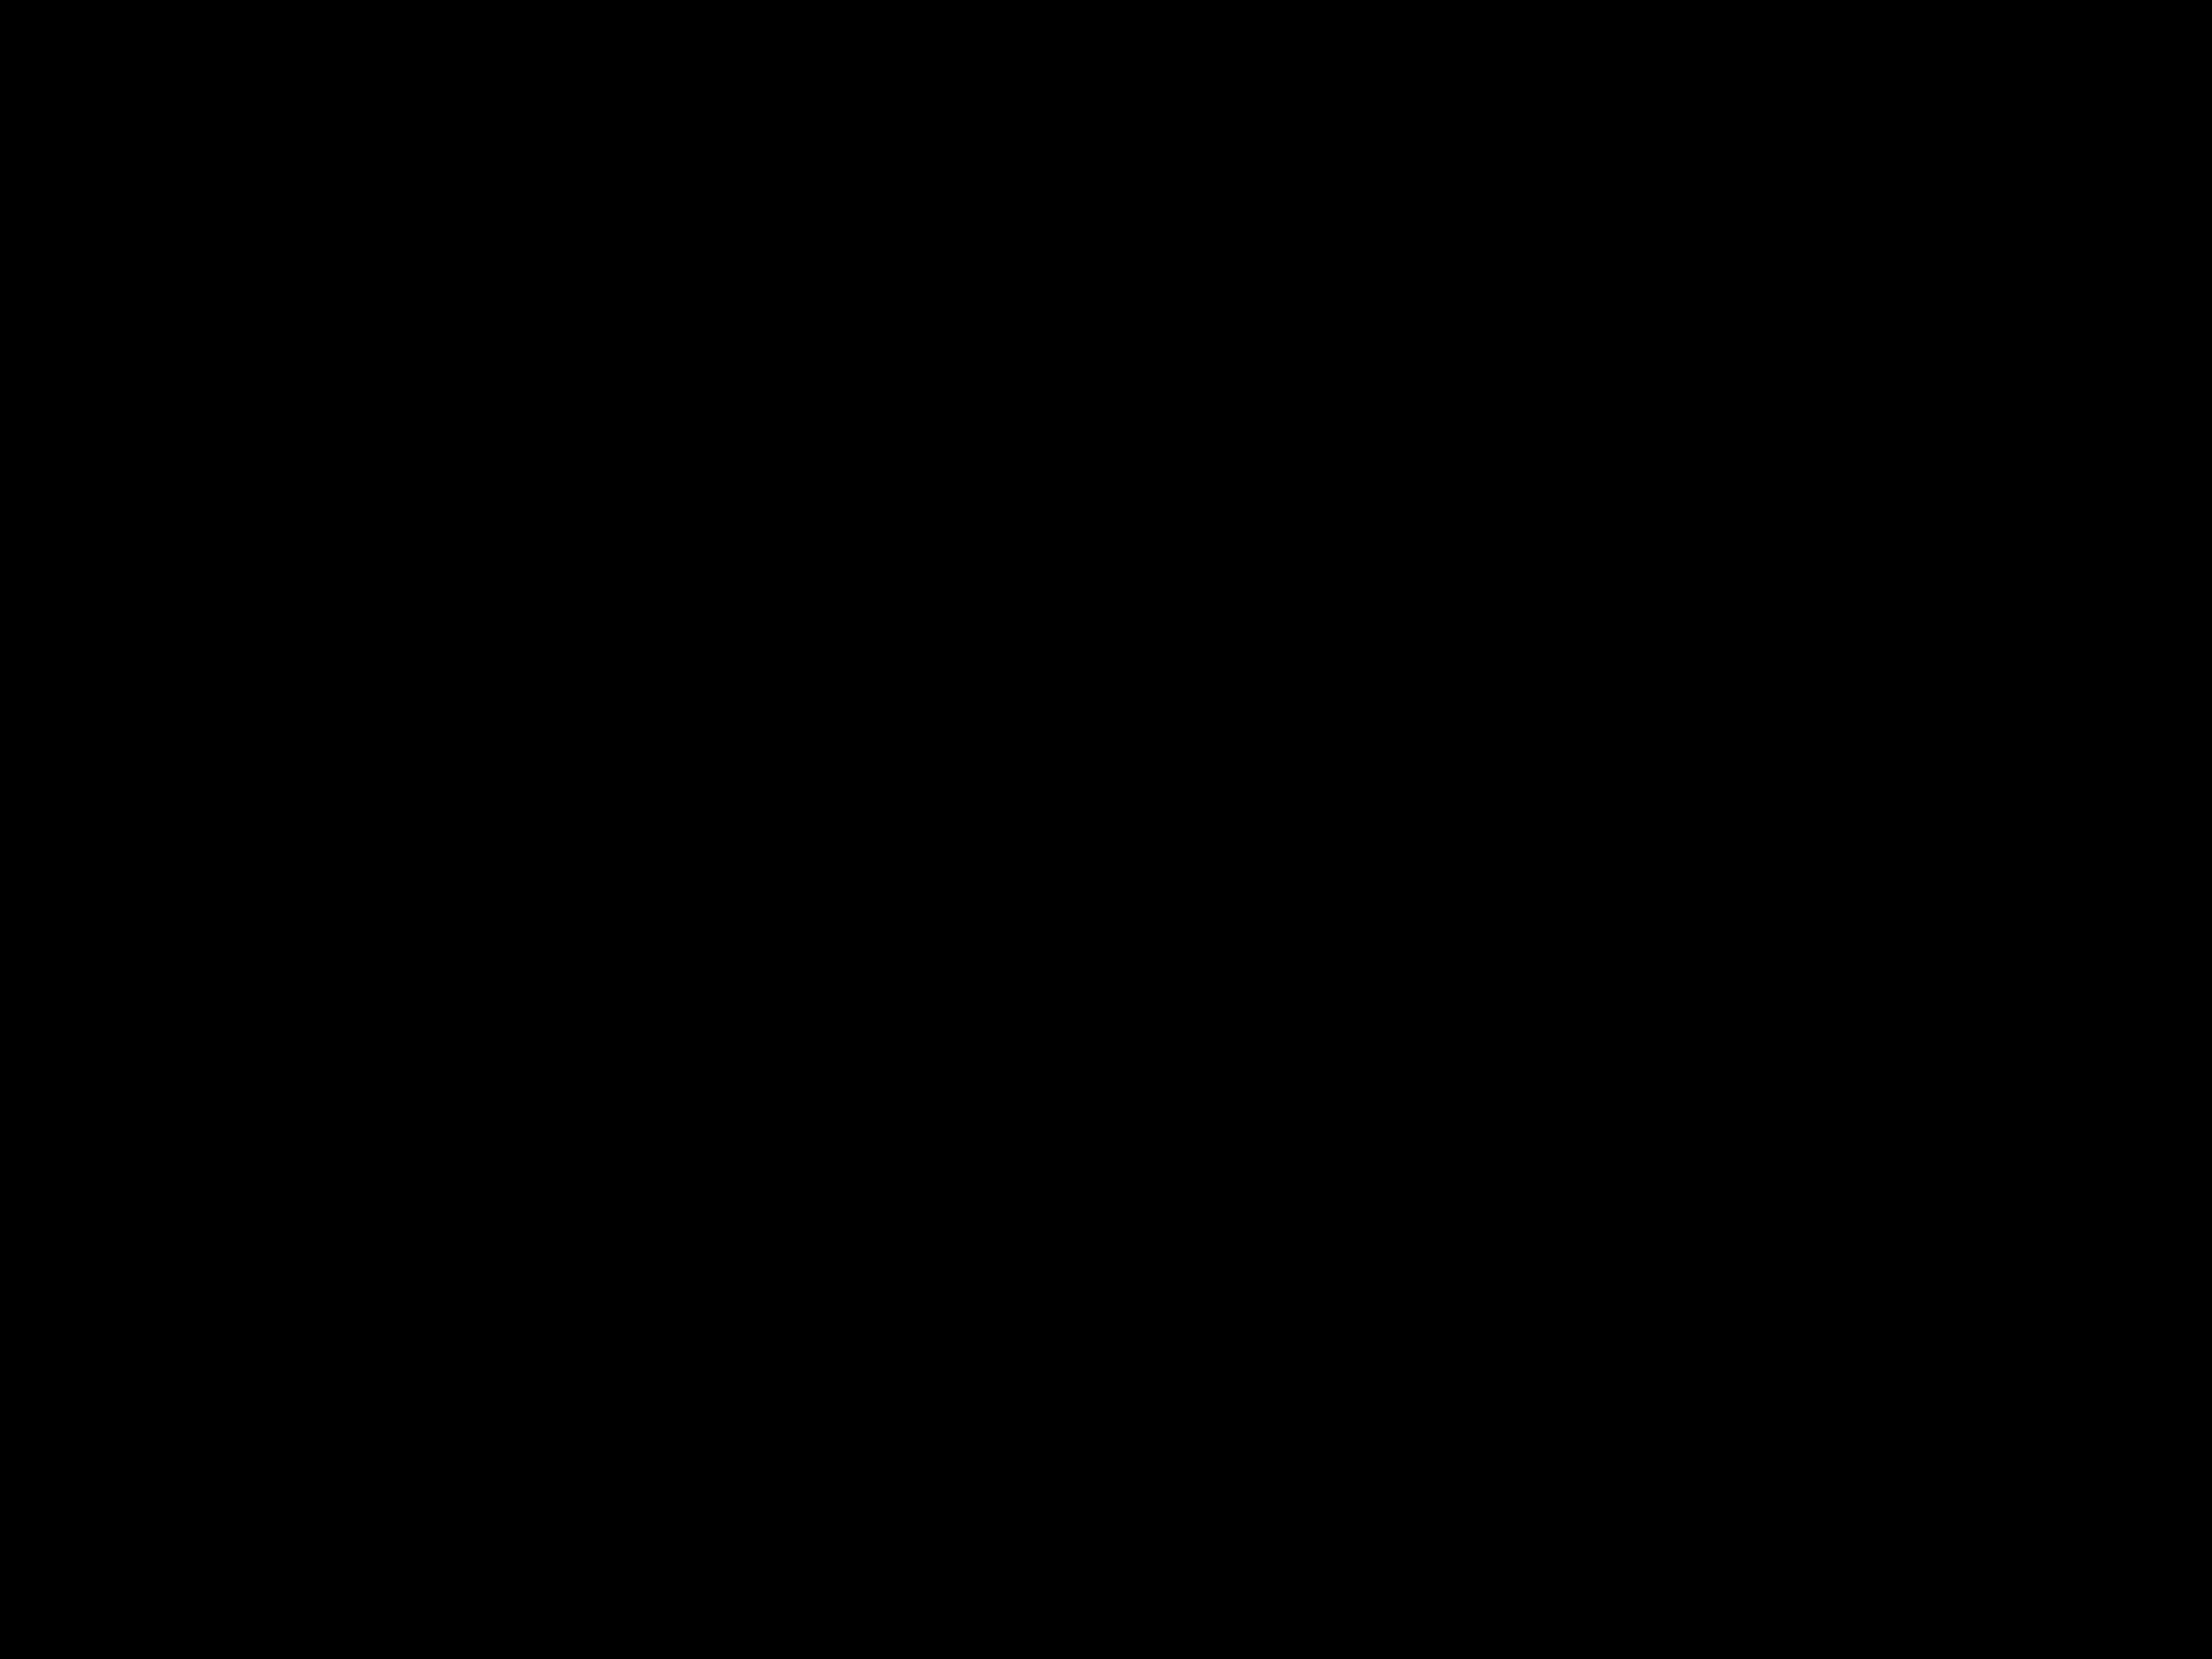 L+Z Drehmaschine Weiler DA 250 x 1500- 04-03-075